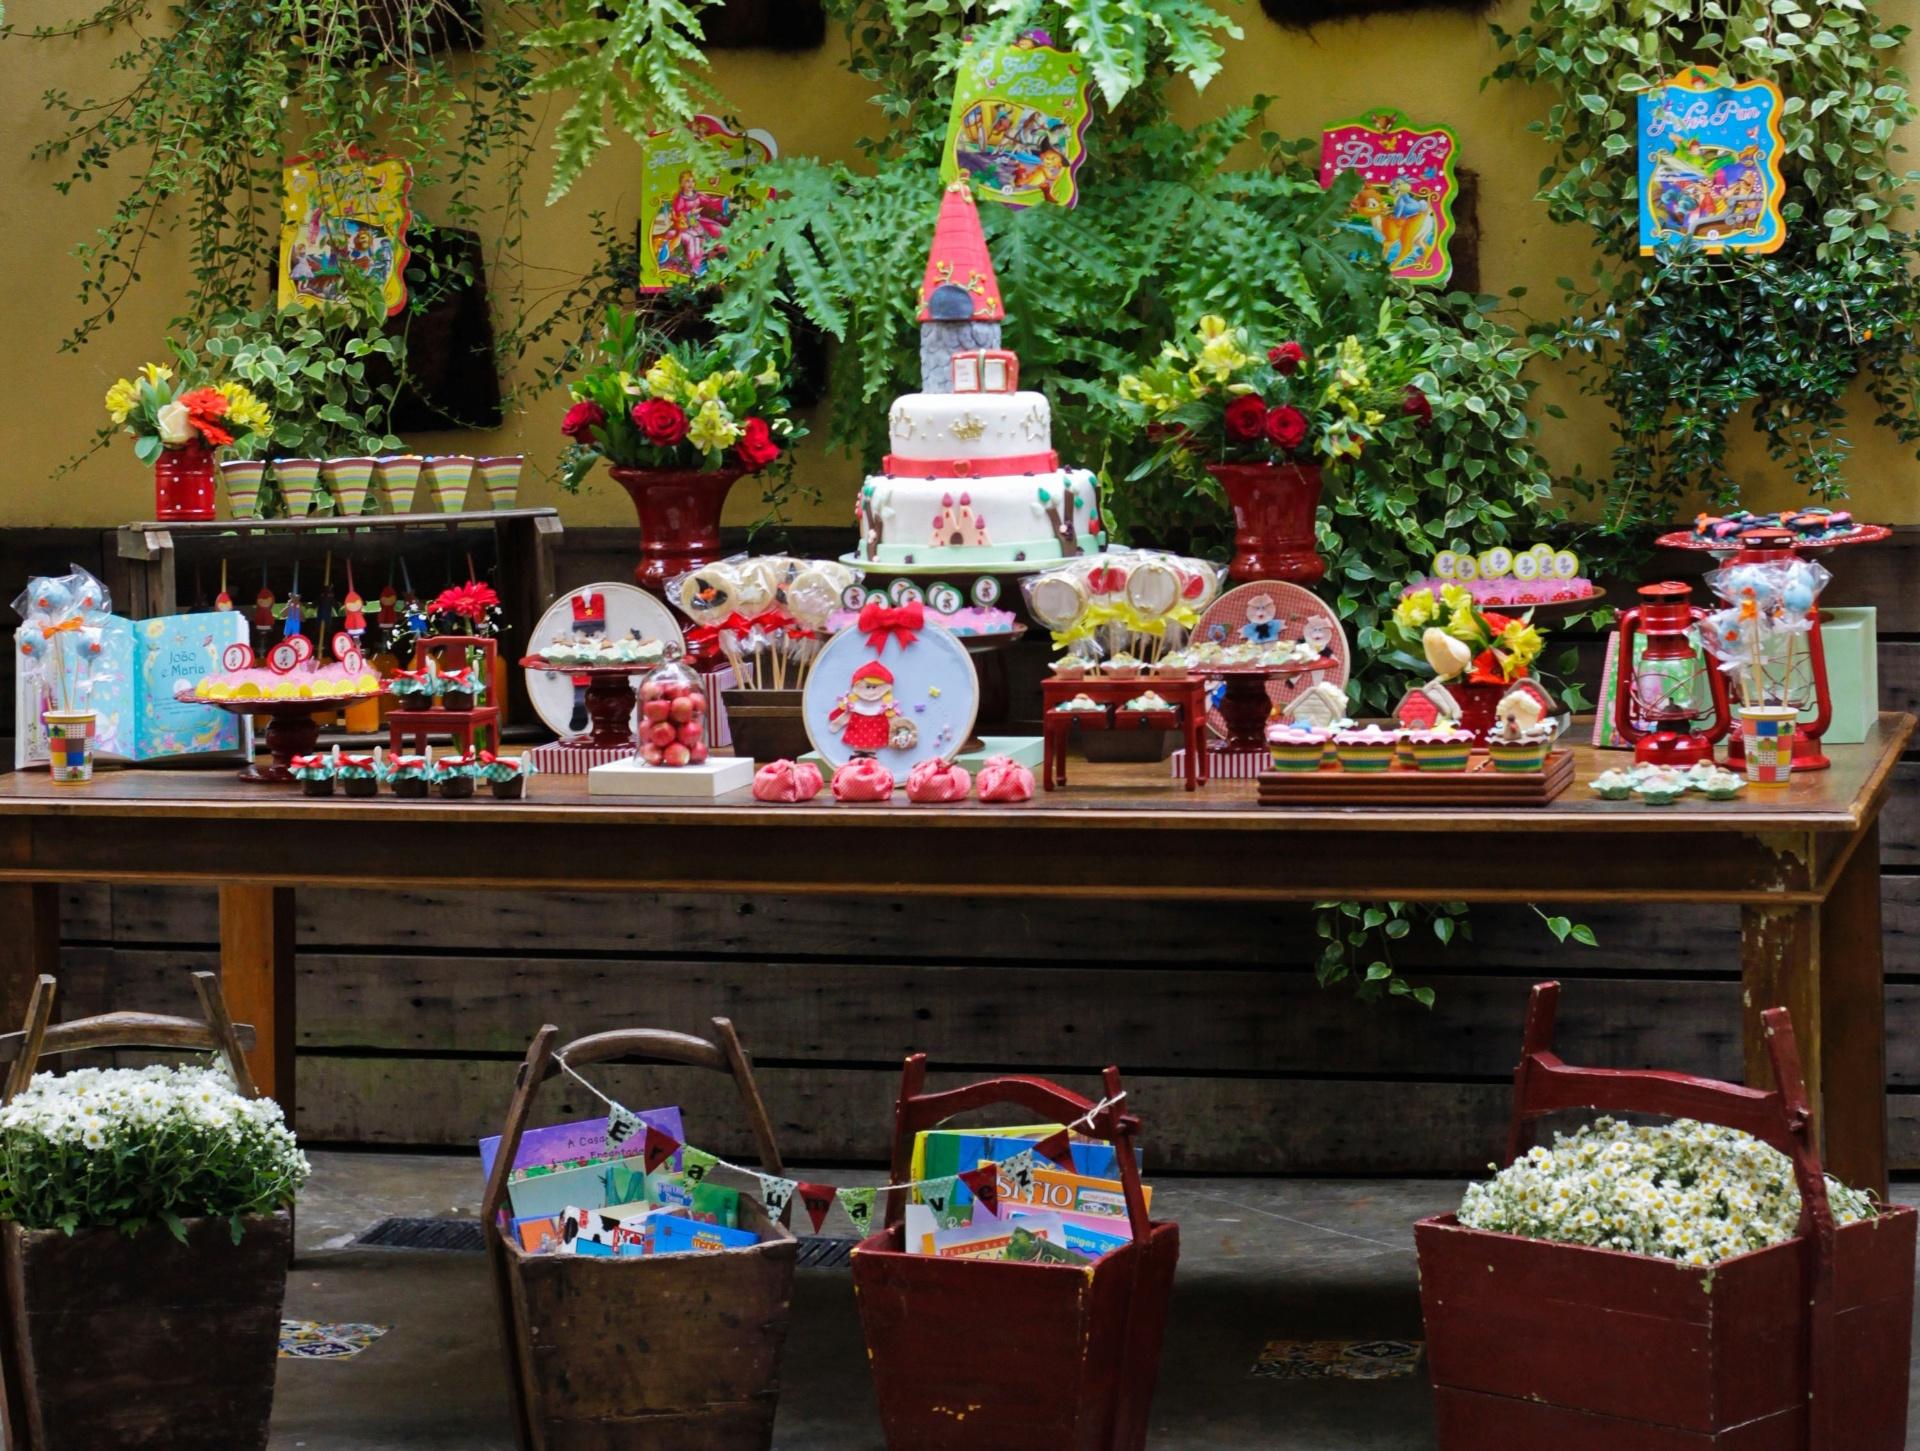 Fotos Saiba como fazer uma decoraç u00e3o de aniversário em casa com cara de buf u00ea 02 07 2013 UOL  -> Decoração De Festas Com Xícaras